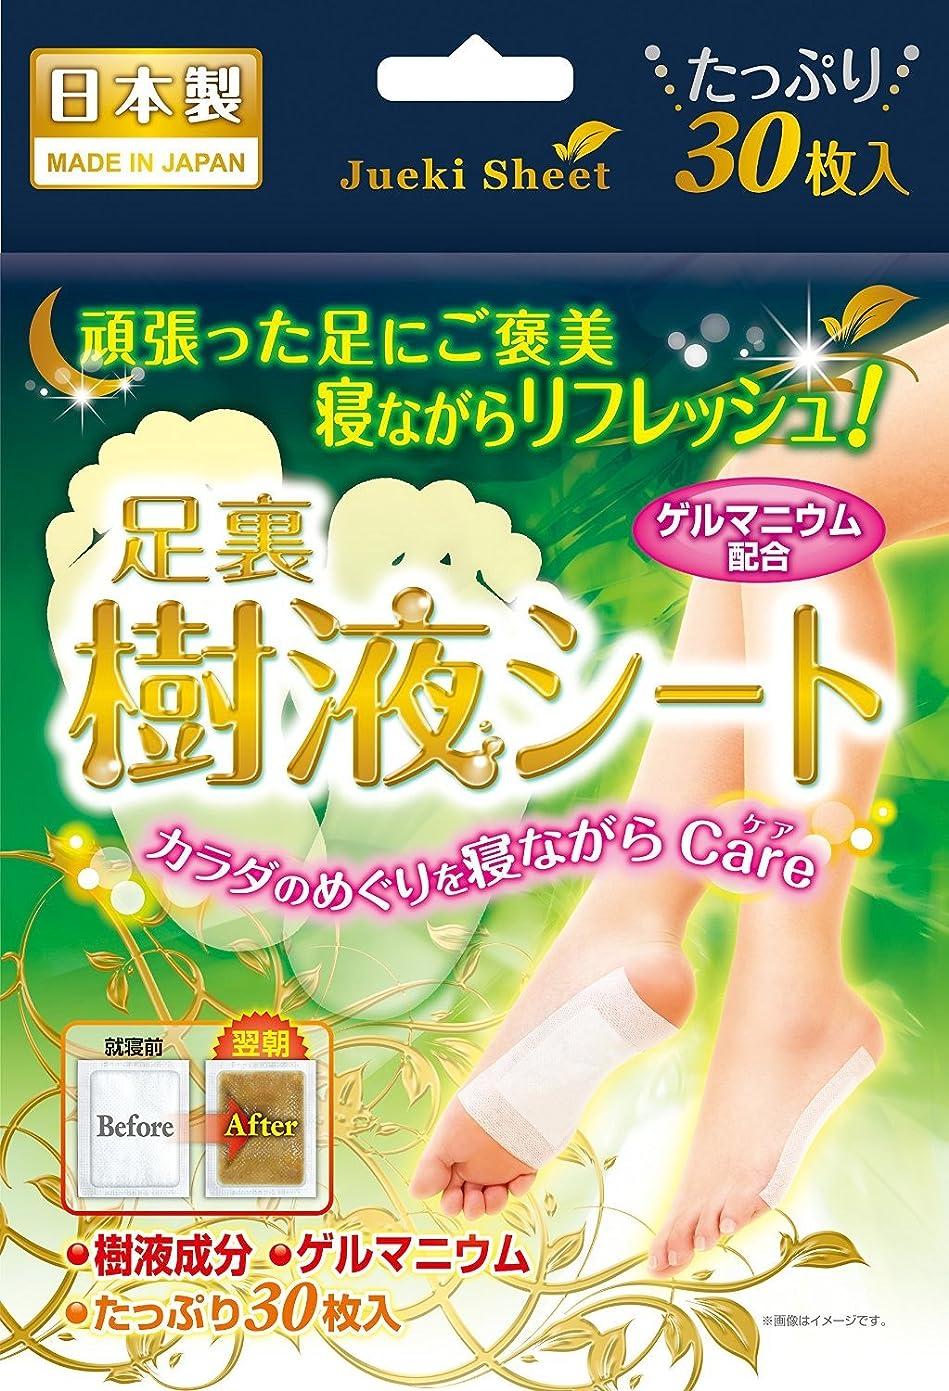 鈴木油脂工業 足裏樹液シート 30枚入×4